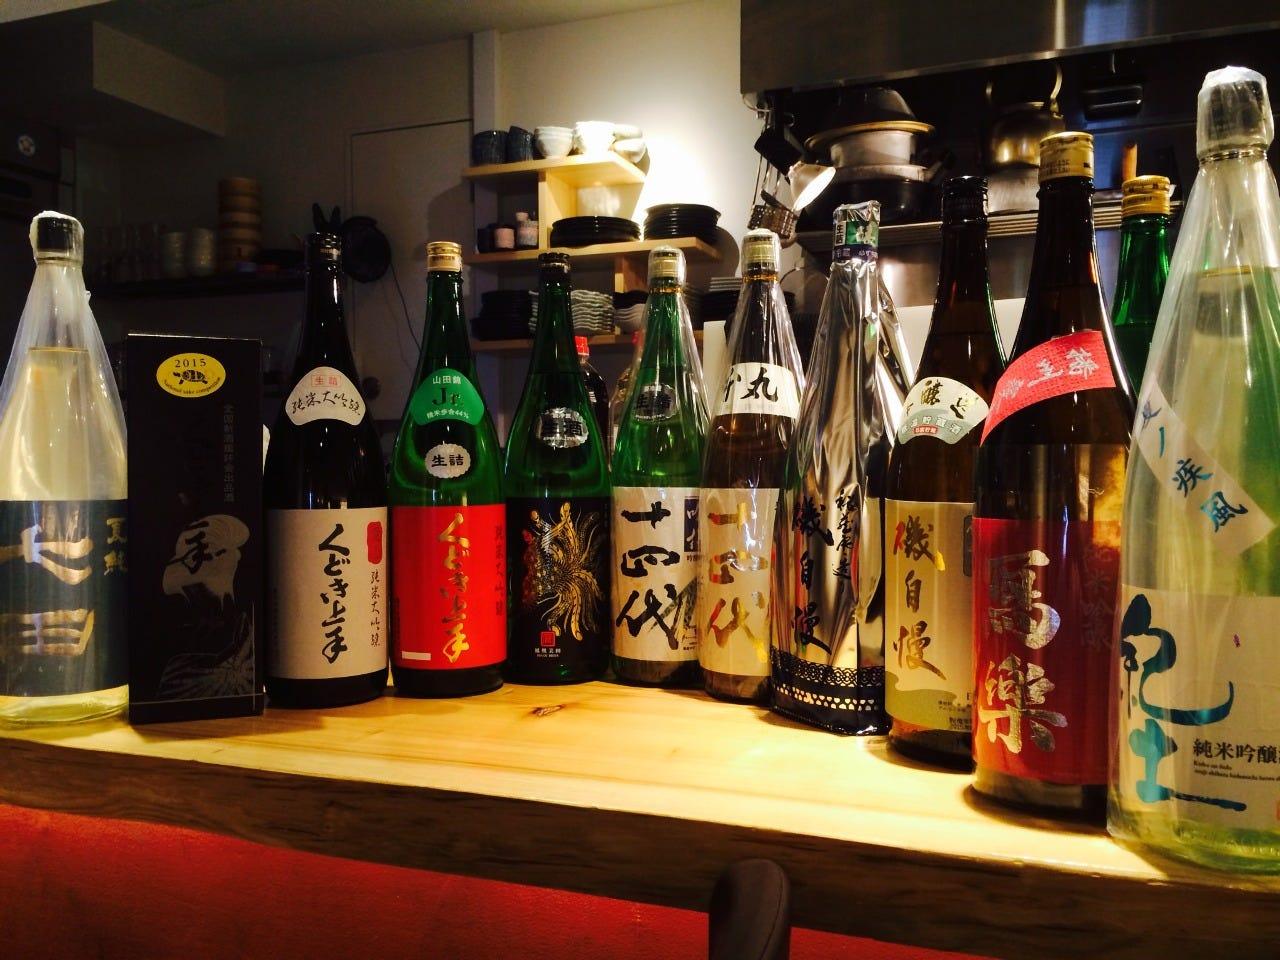 プレミアから人気の日本酒まで!